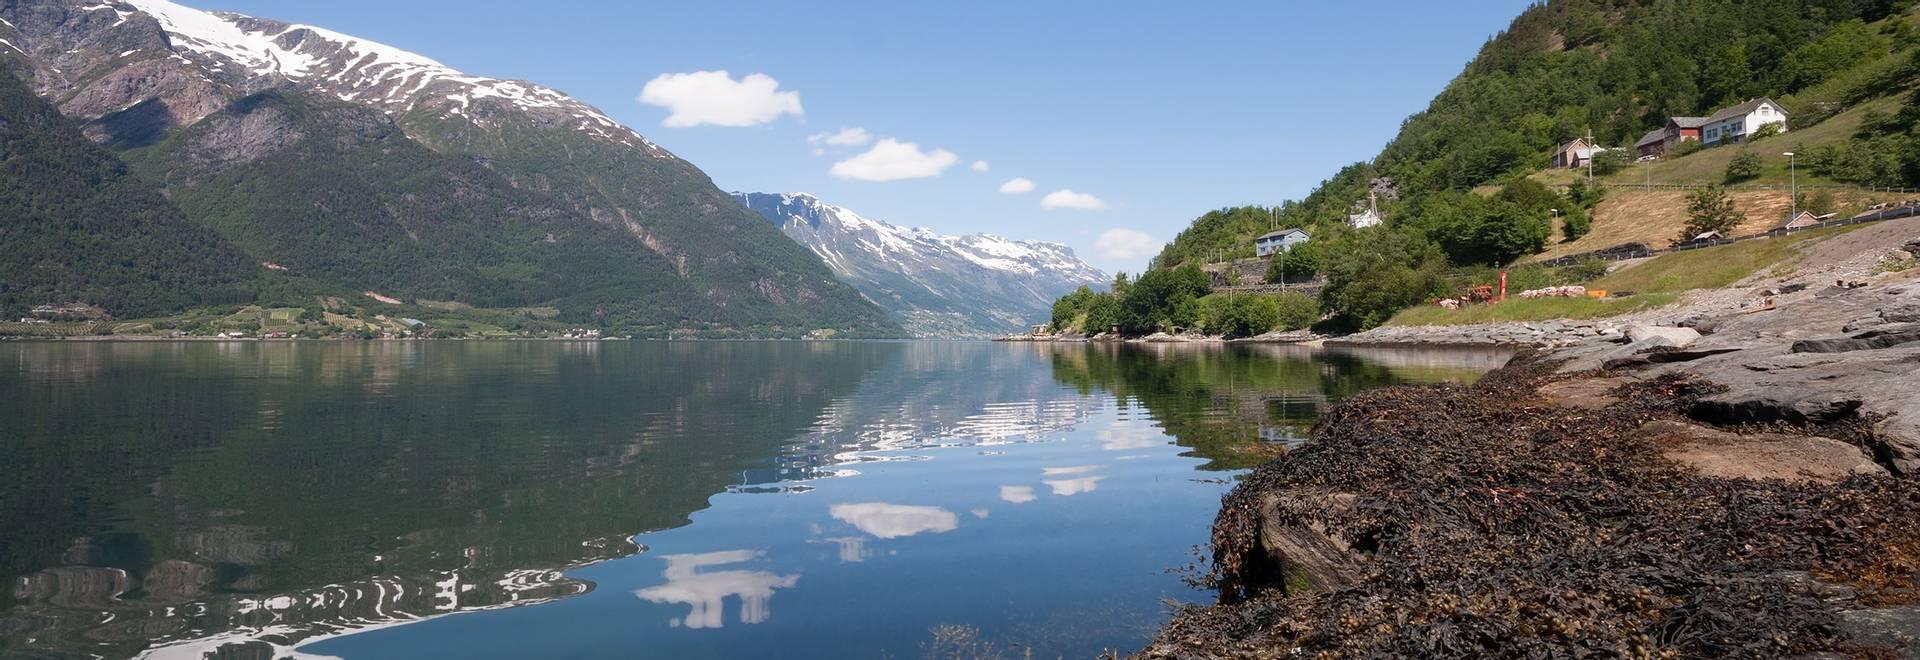 shutterstock_113872366 Hardangerfjord.jpg